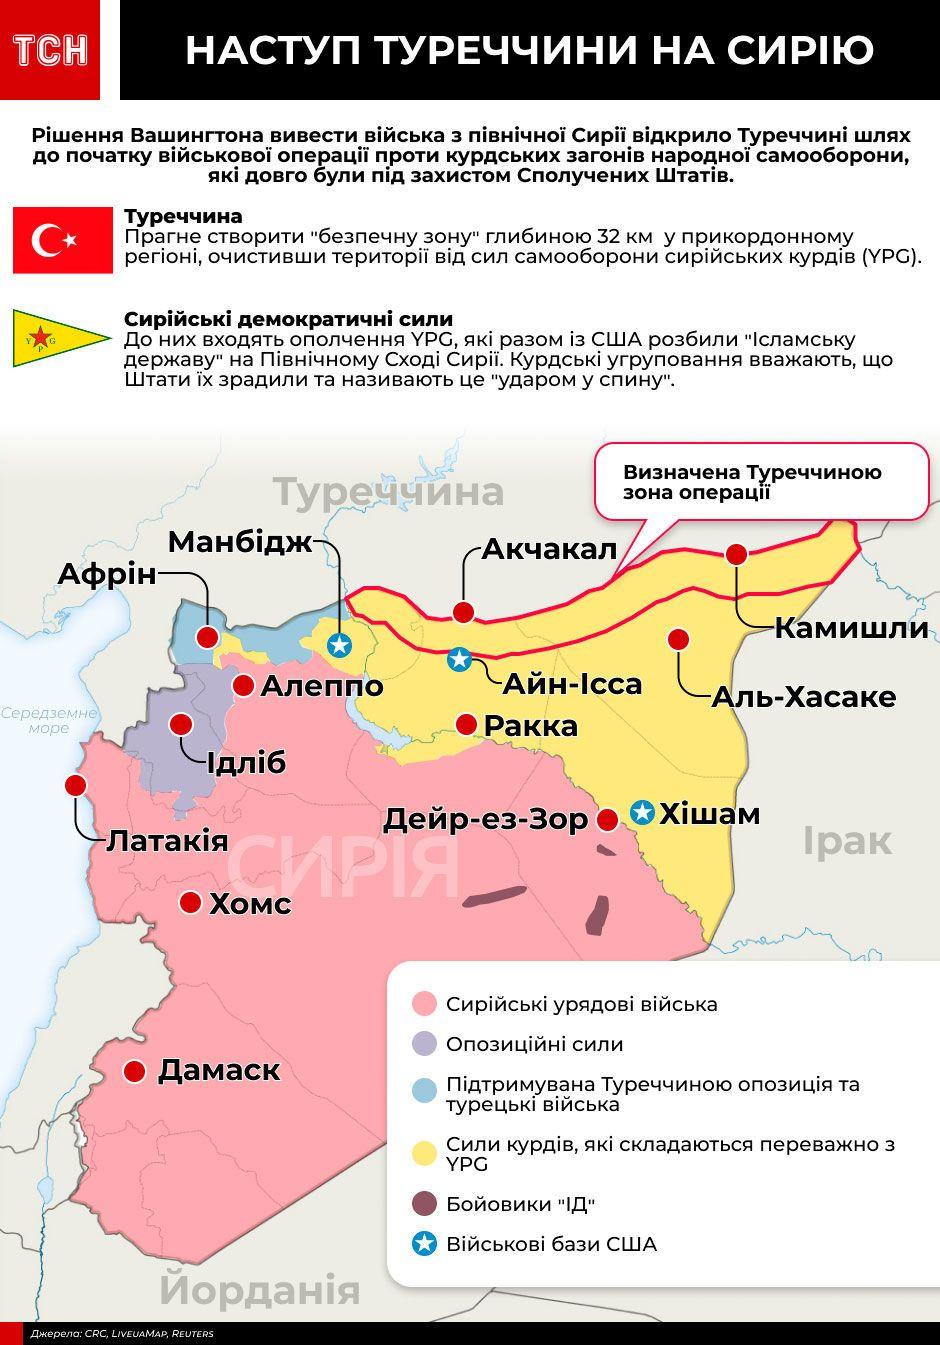 Наступ Туреччини на Сирію інфографіка